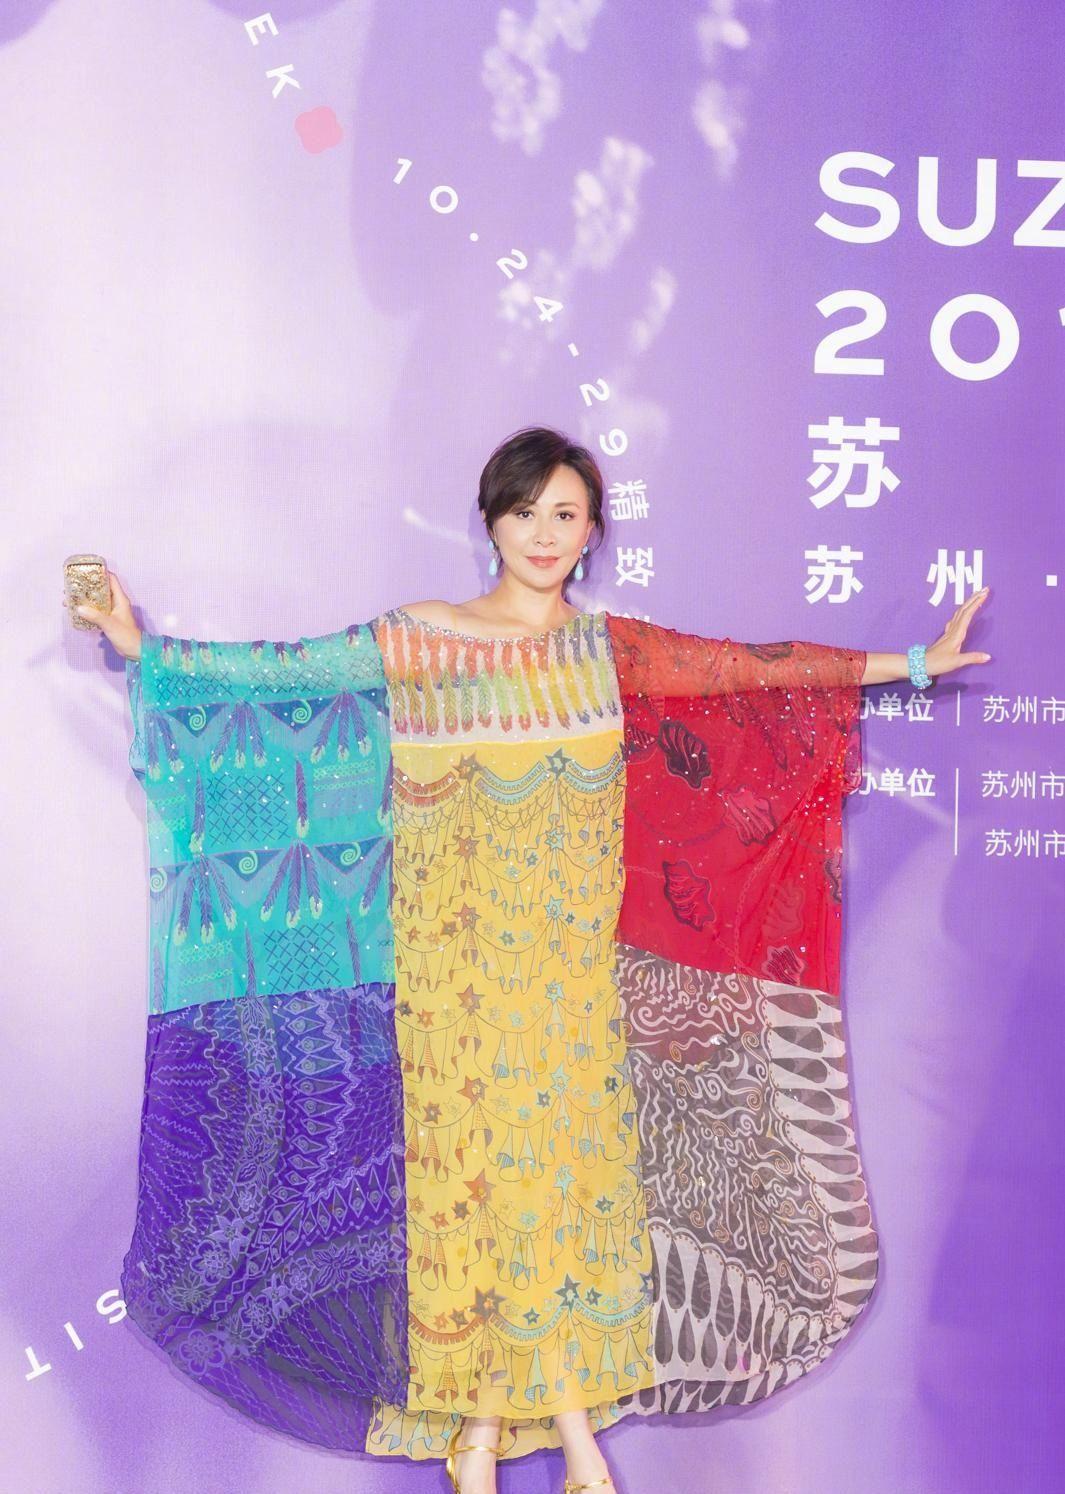 刘嘉玲参加苏州国际设计周开幕式